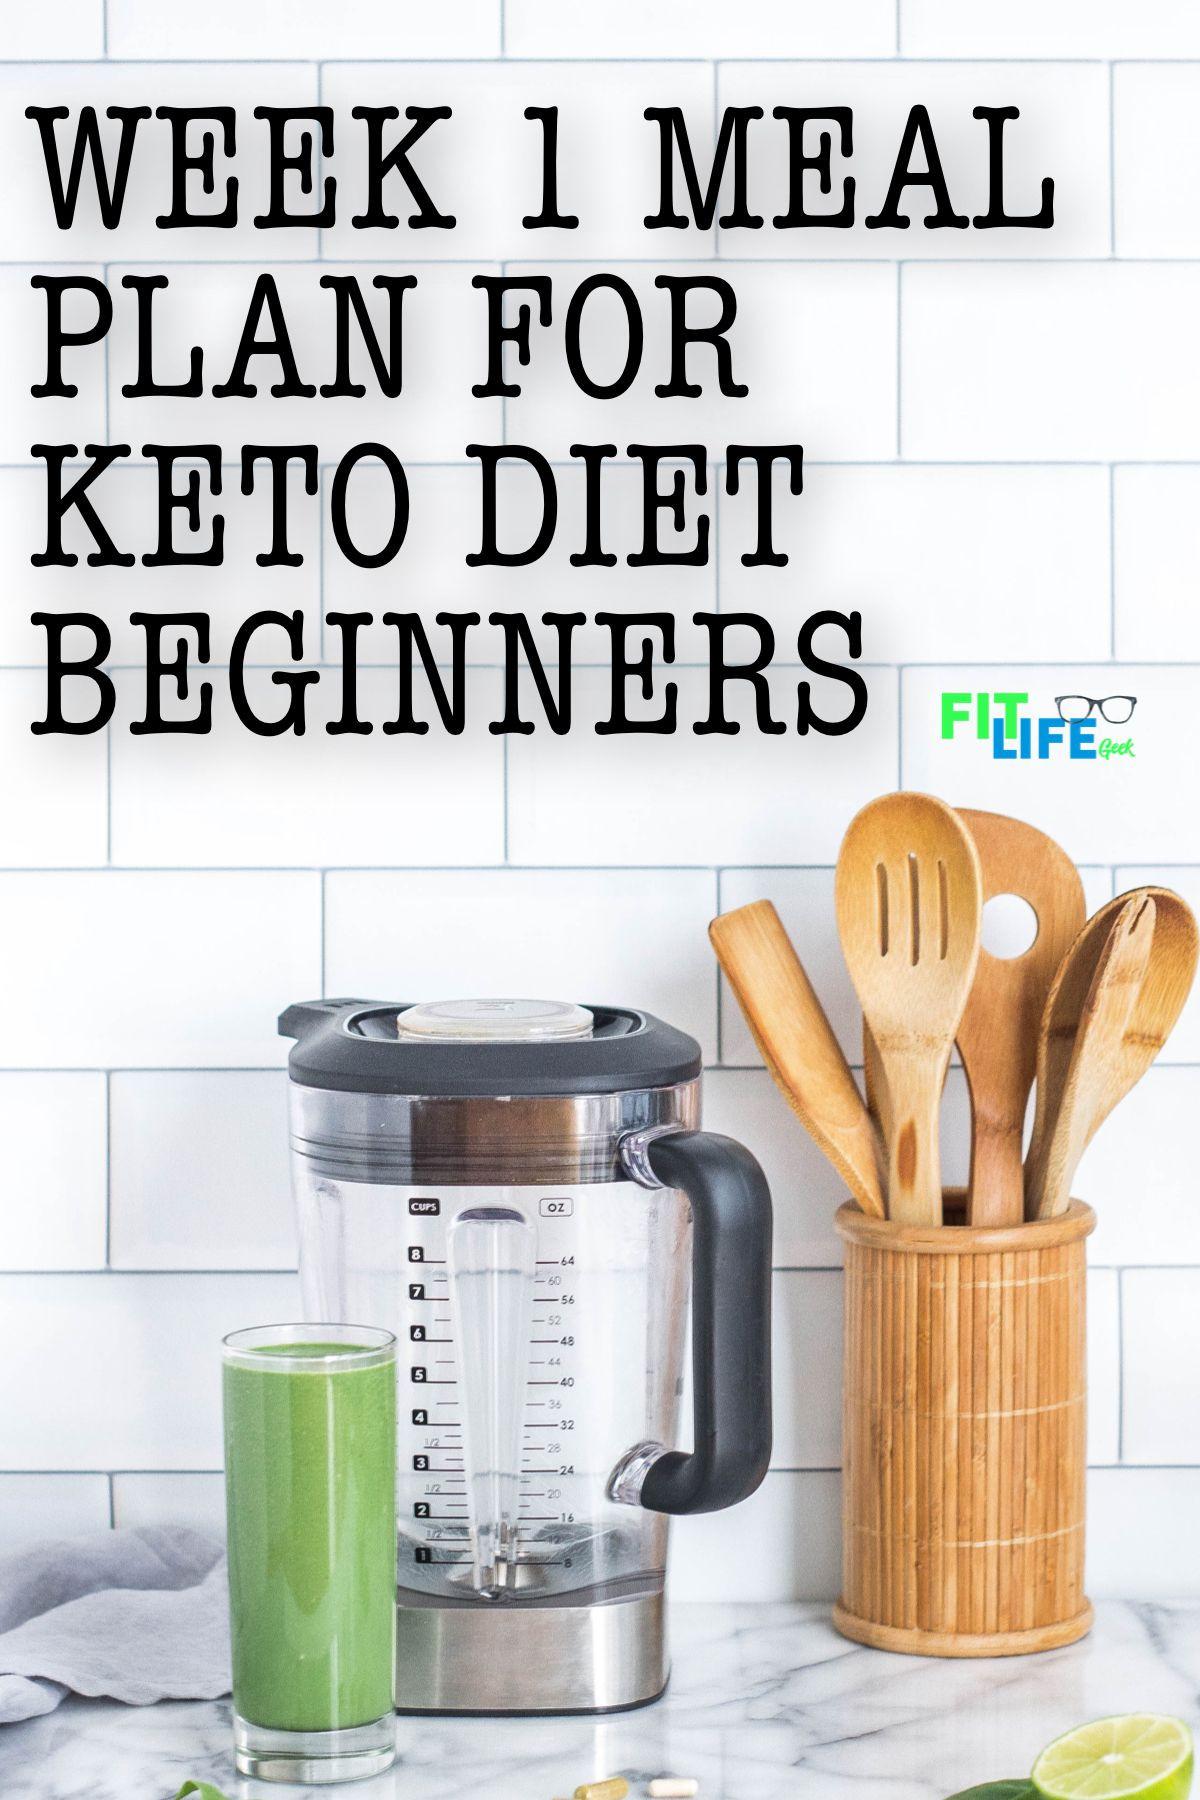 Keto Diet For Beginners Week 1 Meal Plan Easy  Keto Diet for Beginners Week 1 Meal Plan Fit Life Geek